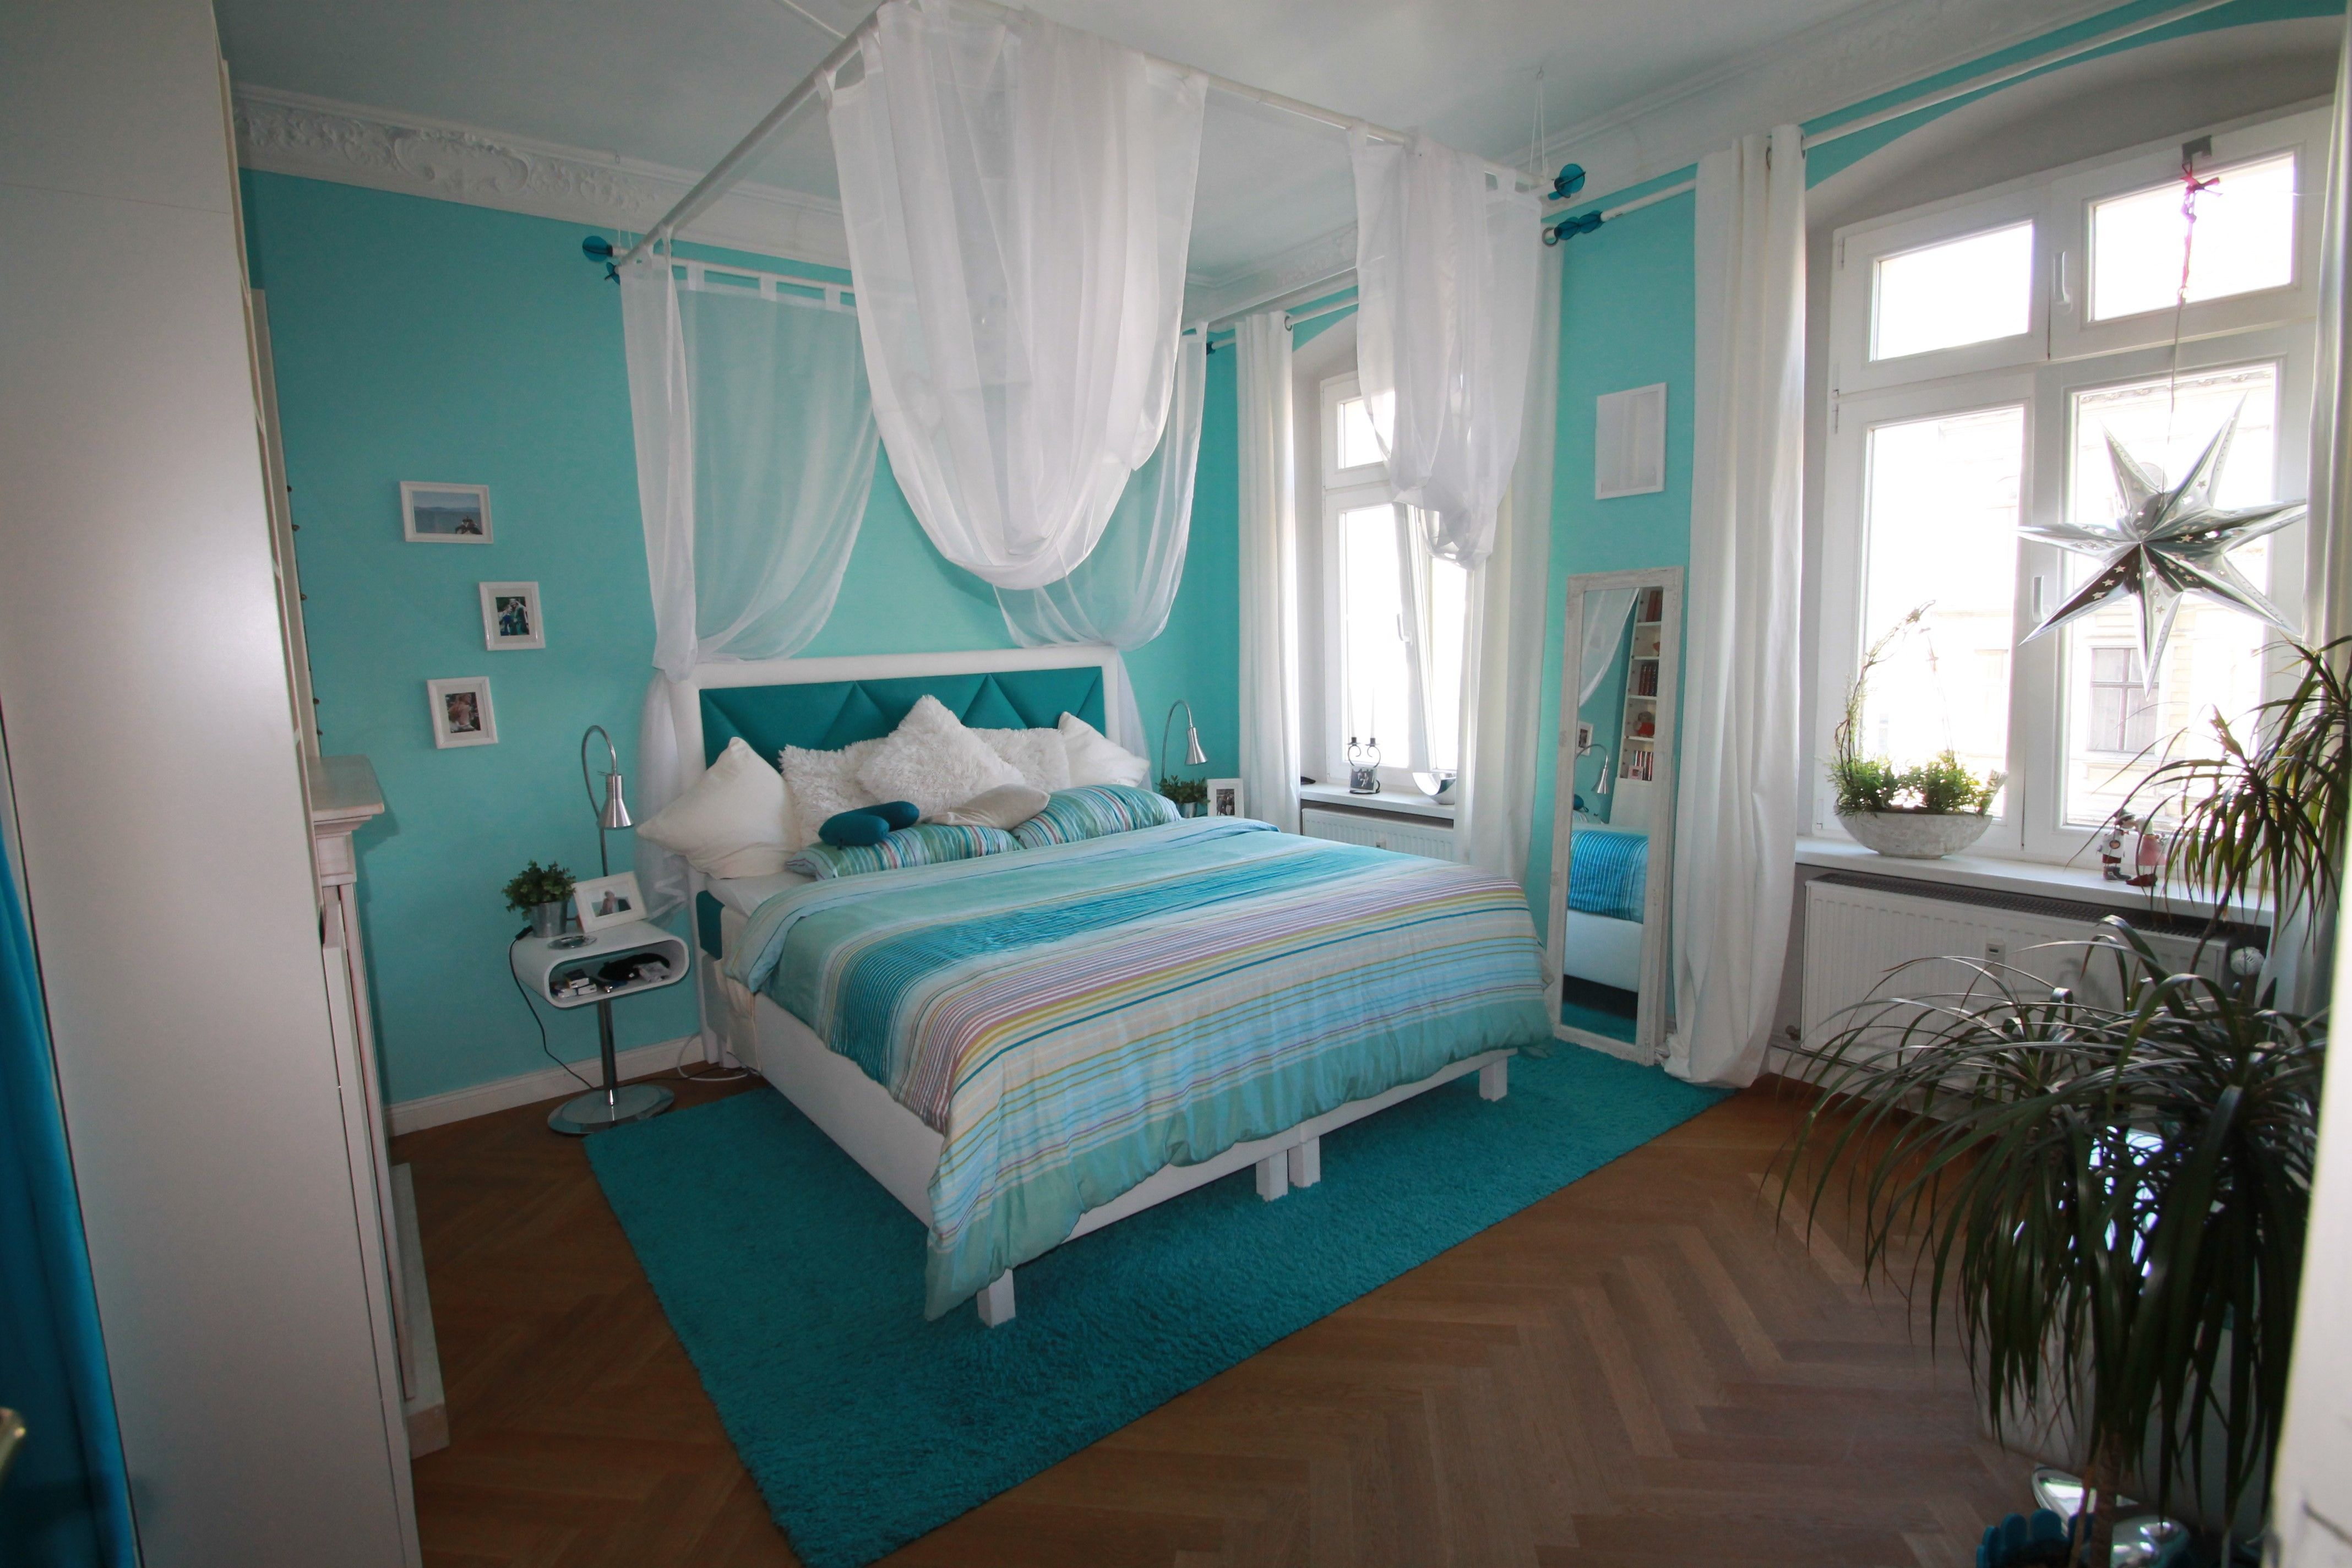 Schlafzimmer/ Süße Träume In Türkis